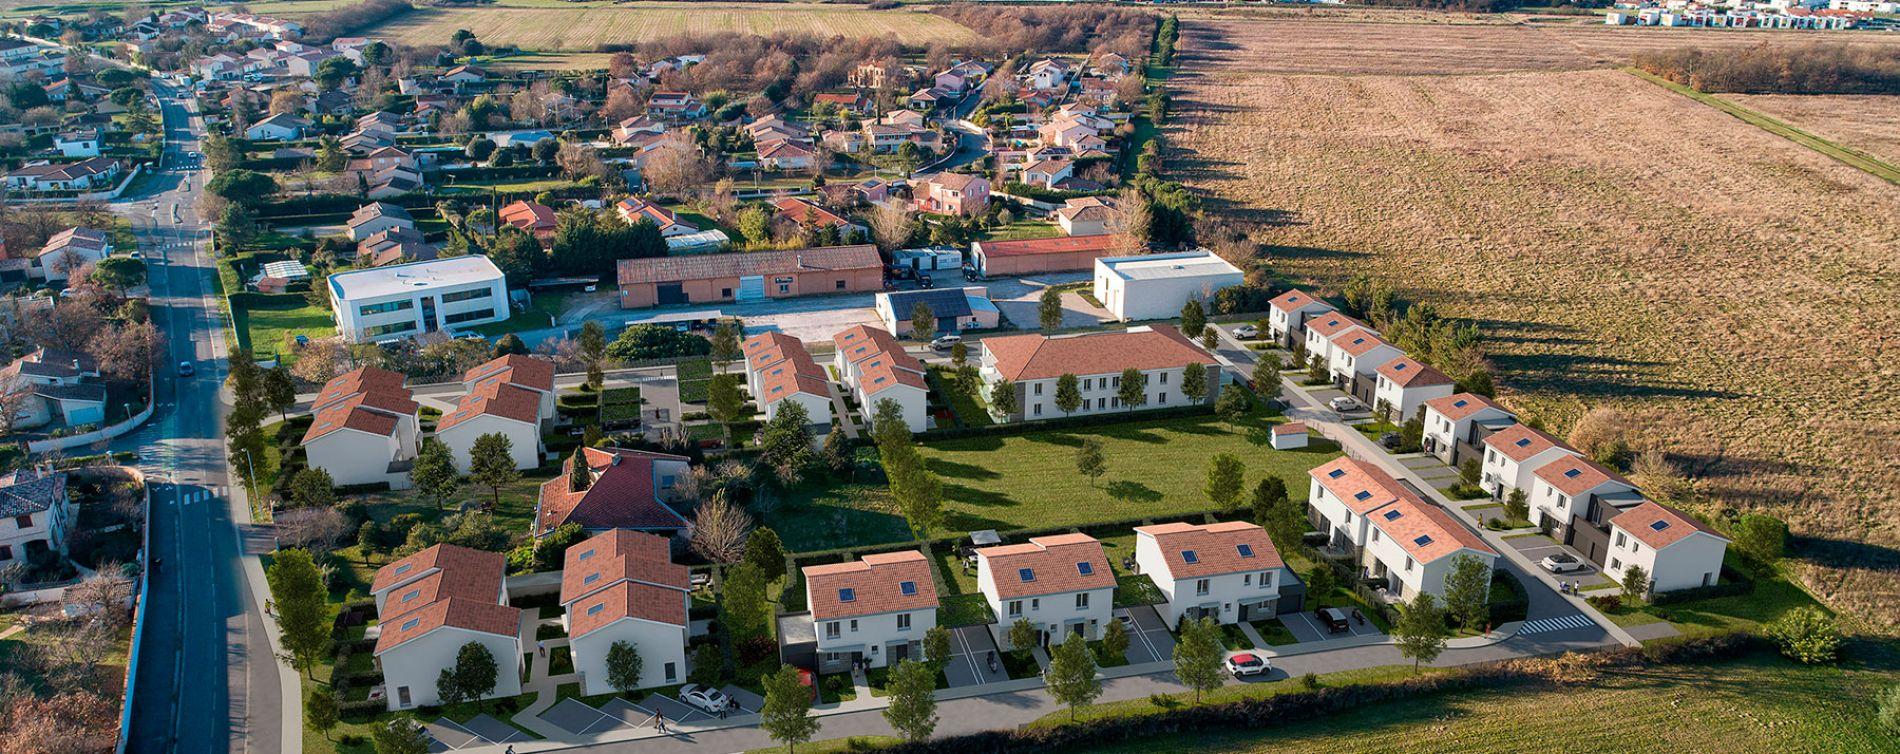 Tournefeuille : programme immobilier neuve « Domaine de Fages » (4)